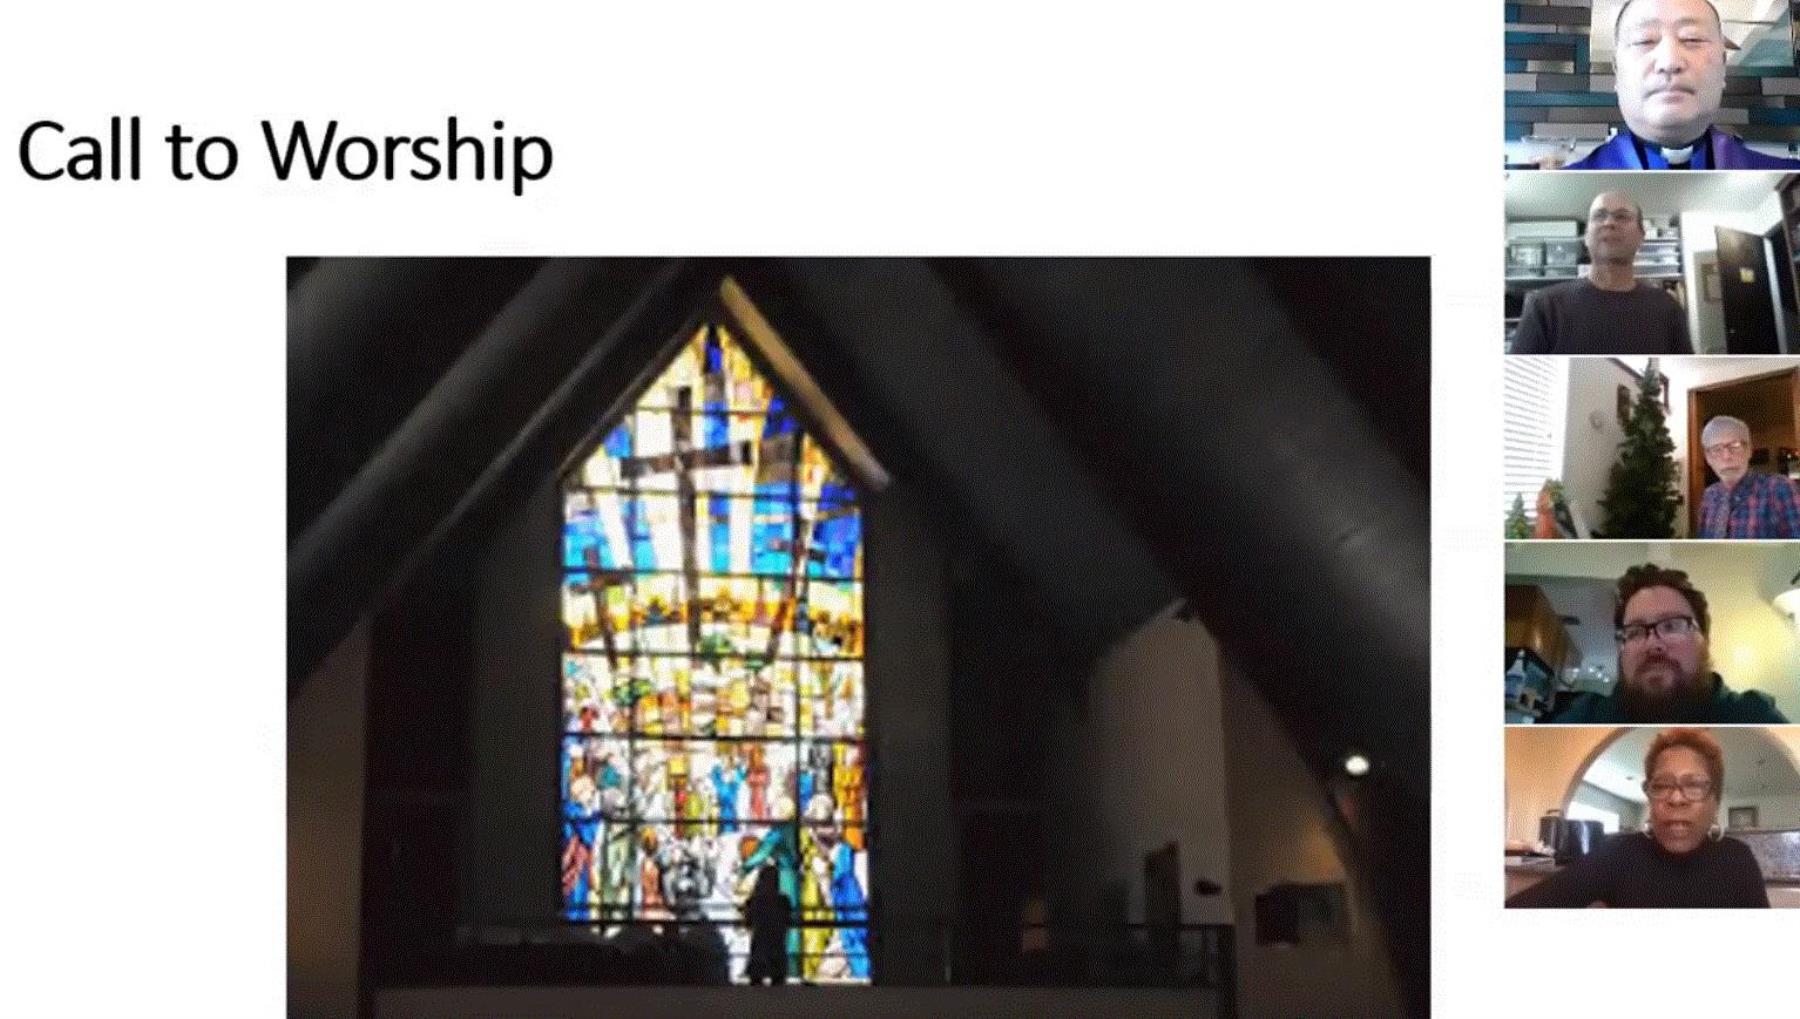 사진, 콩코드 연합감리교회의 Facebook 온라인 예배 동영상에서 캡처.